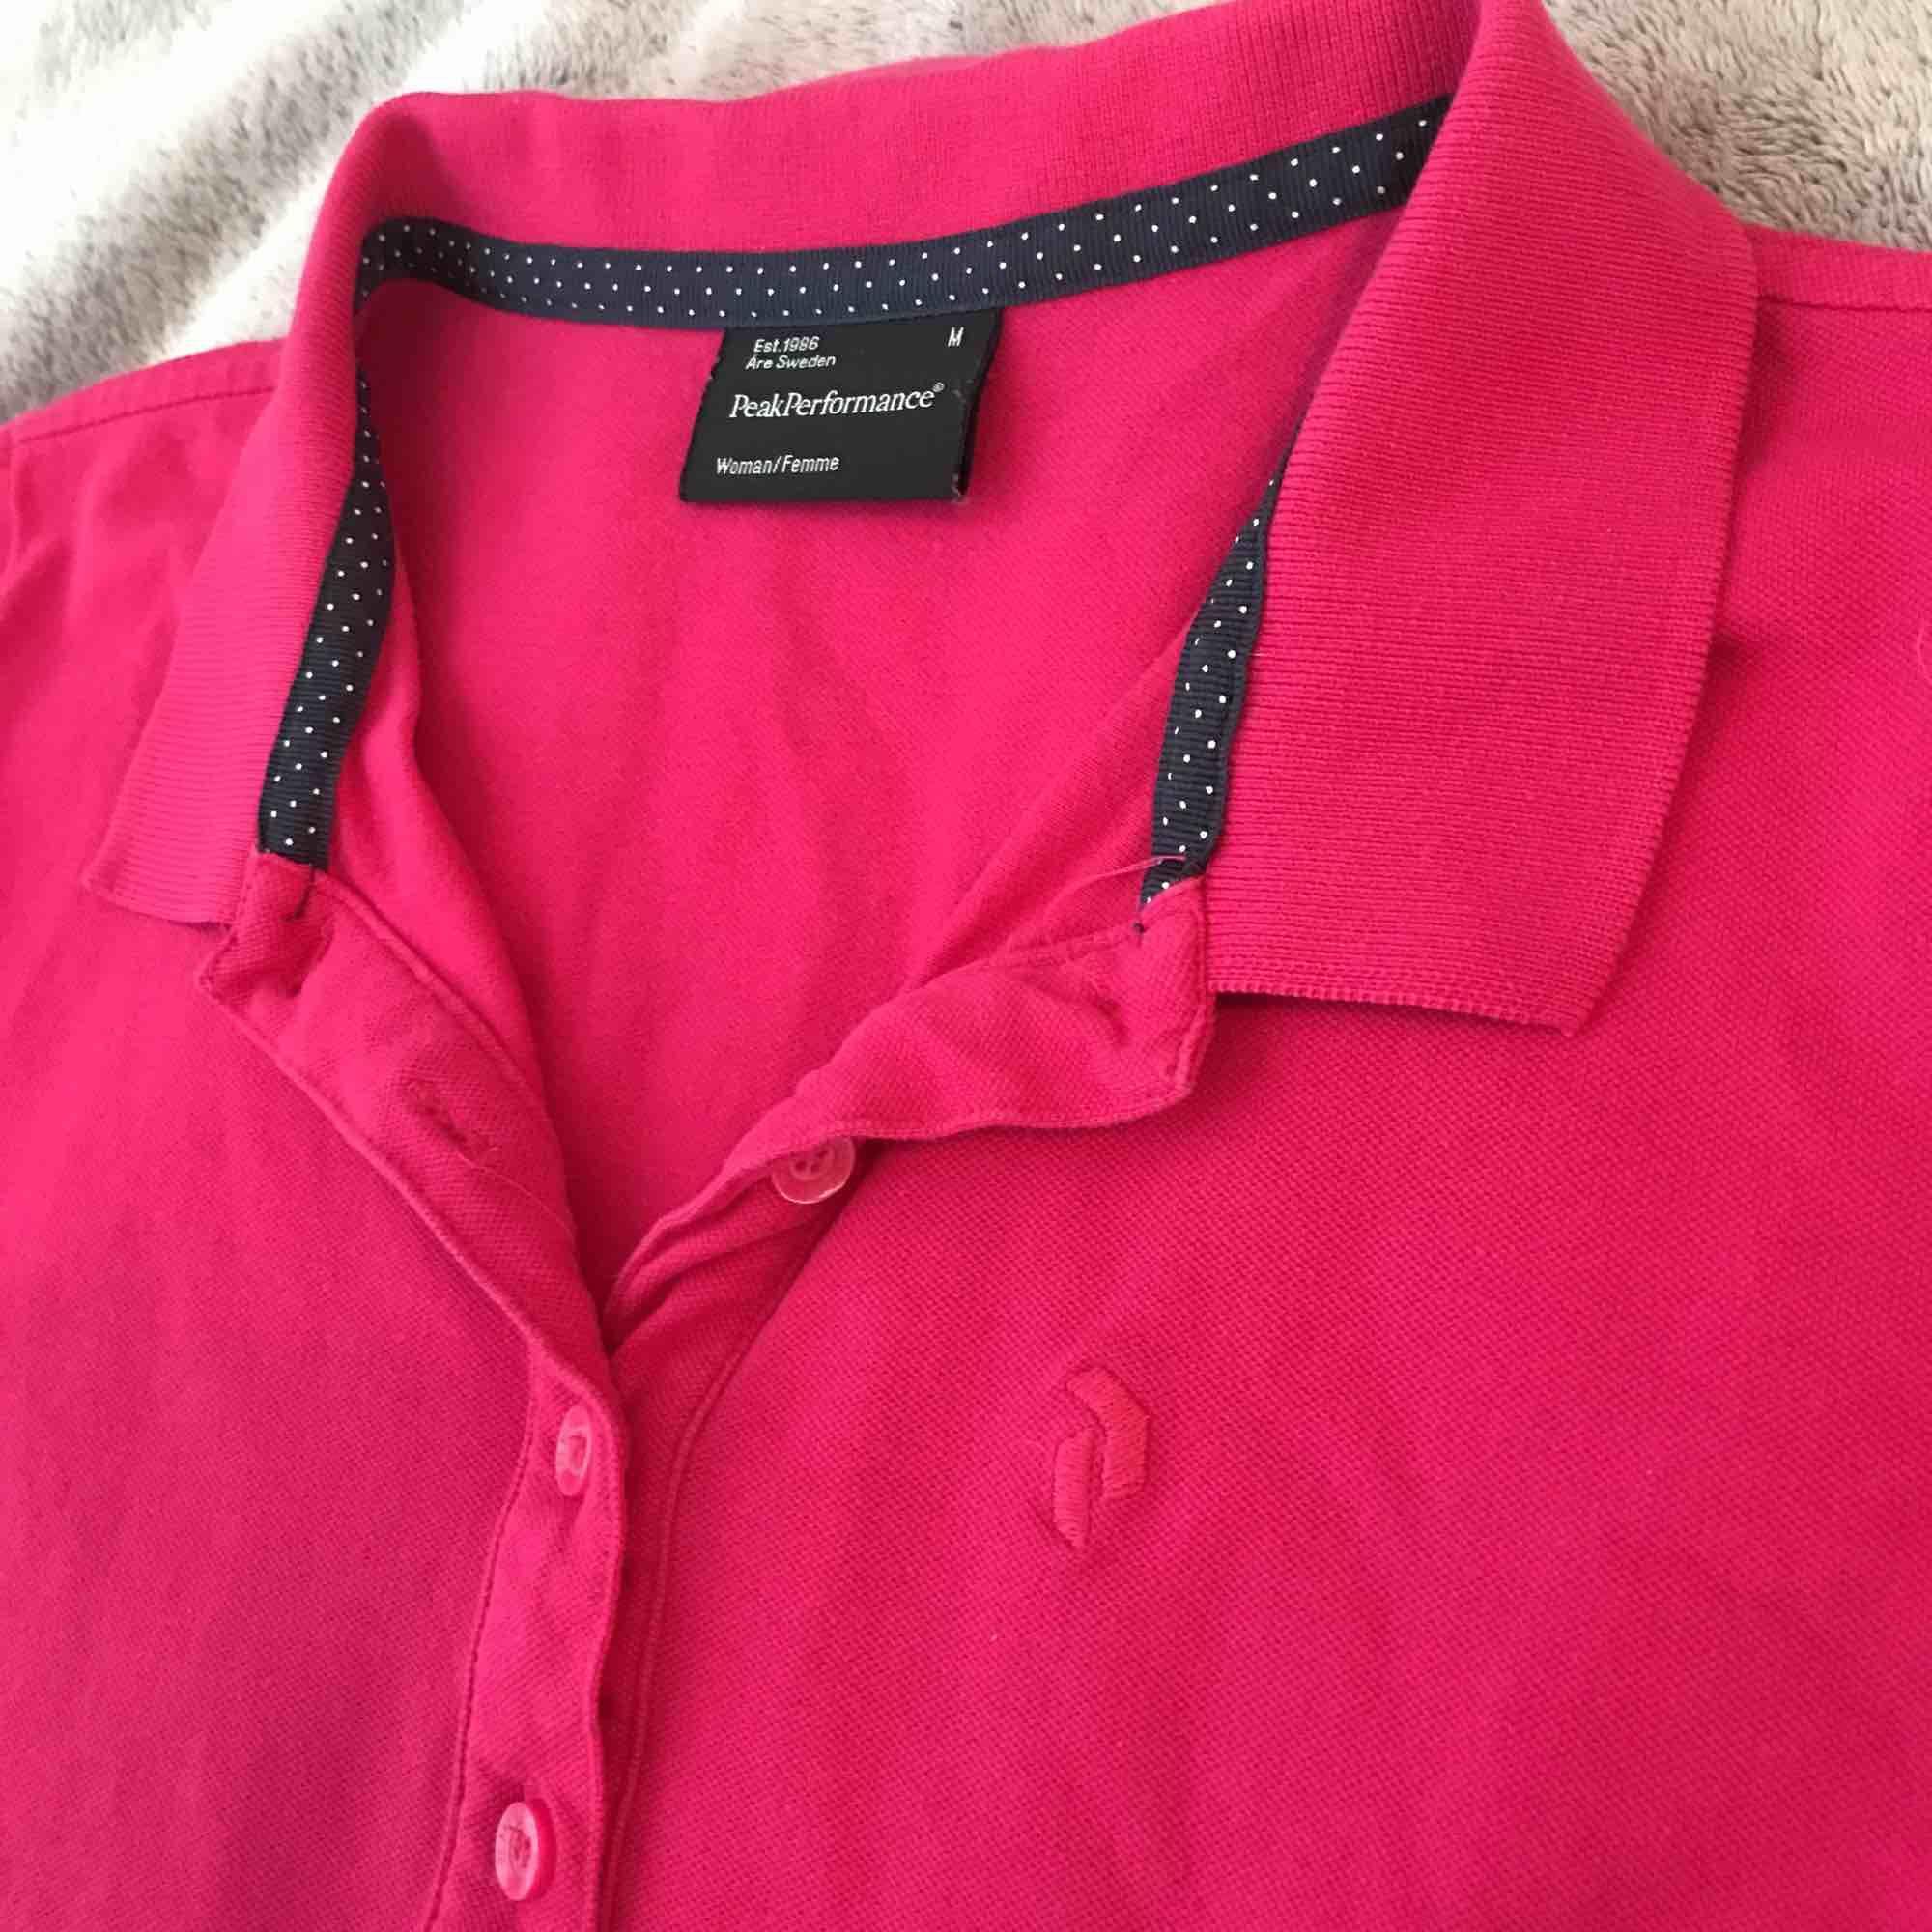 Piké T-shirt från Peak Performance strl M i nyskick då den är väldigt sparsamt använd. Säljes pga för liten. . T-shirts.